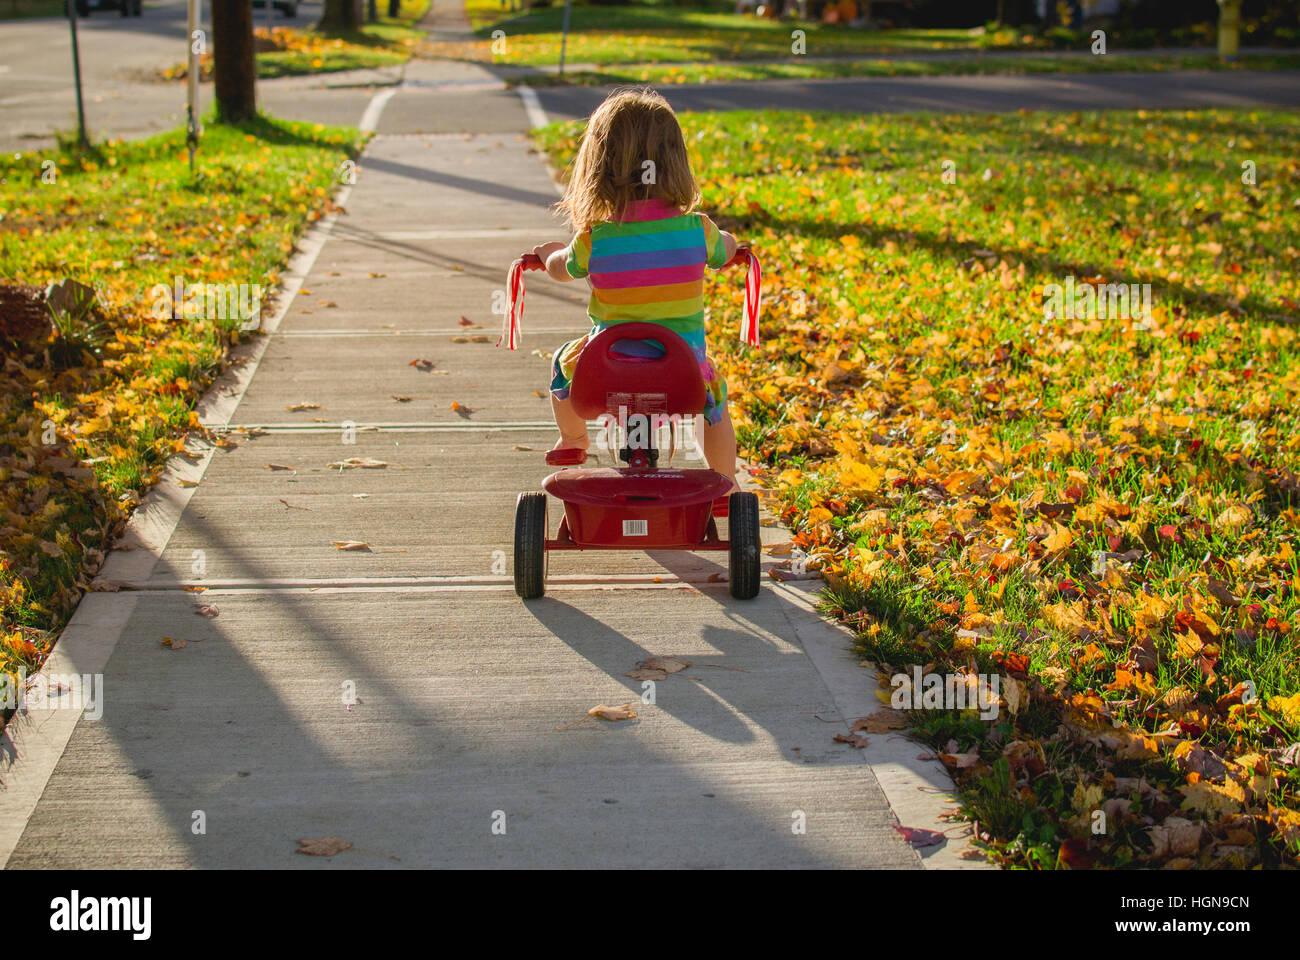 Une jeune fille monte un tricycle dans une petite ville des États-Unis. Photo Stock